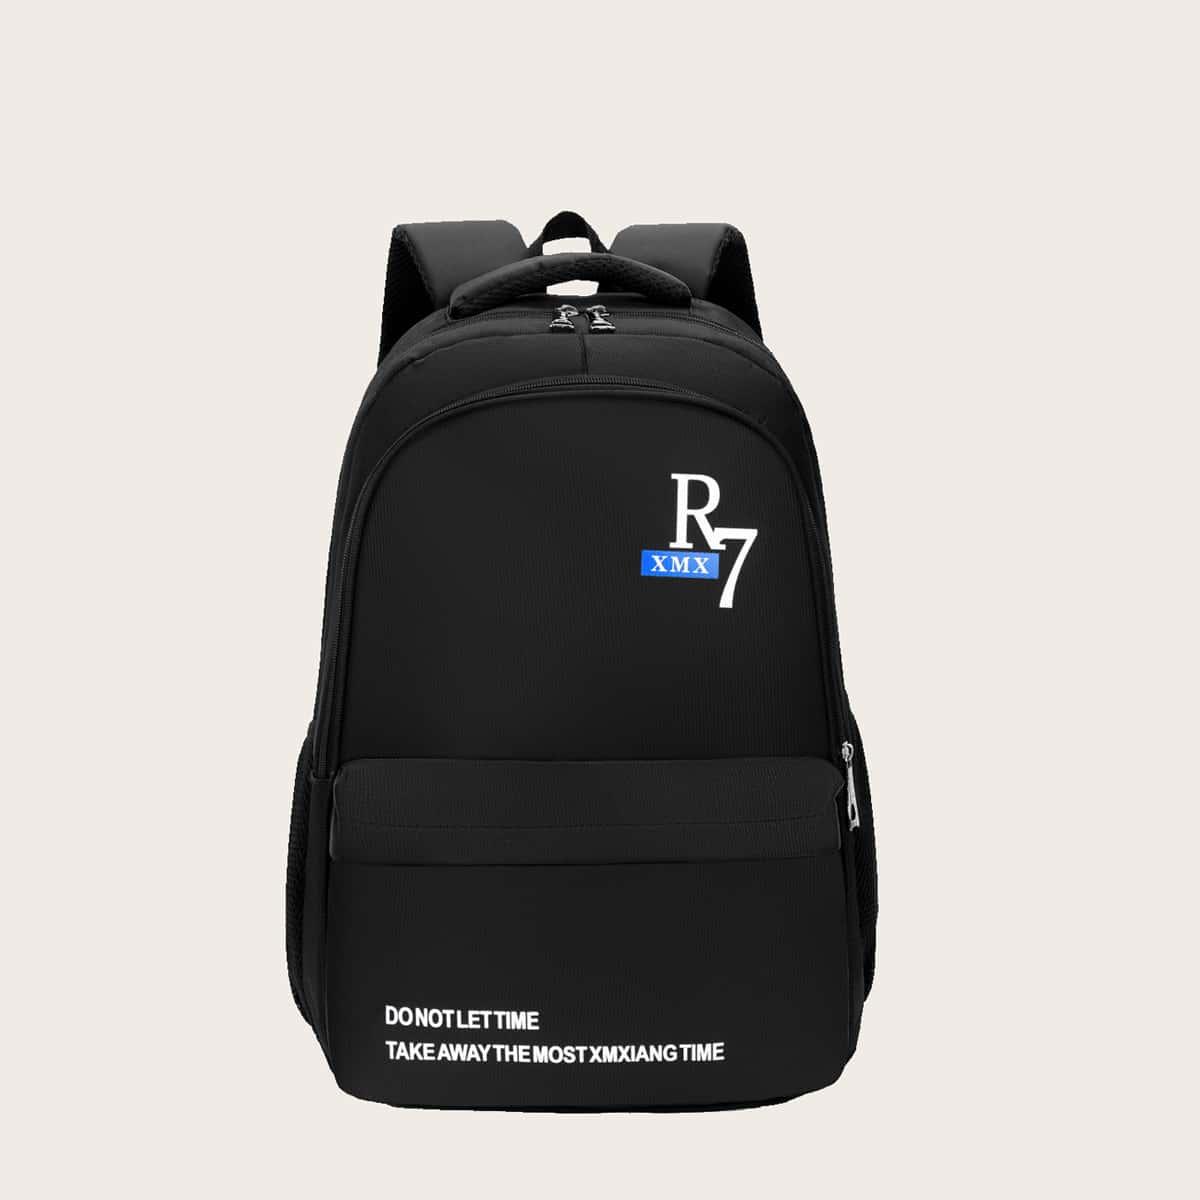 Классический рюкзак с текстовым принтом для мальчиков SheIn sk2108098183288362